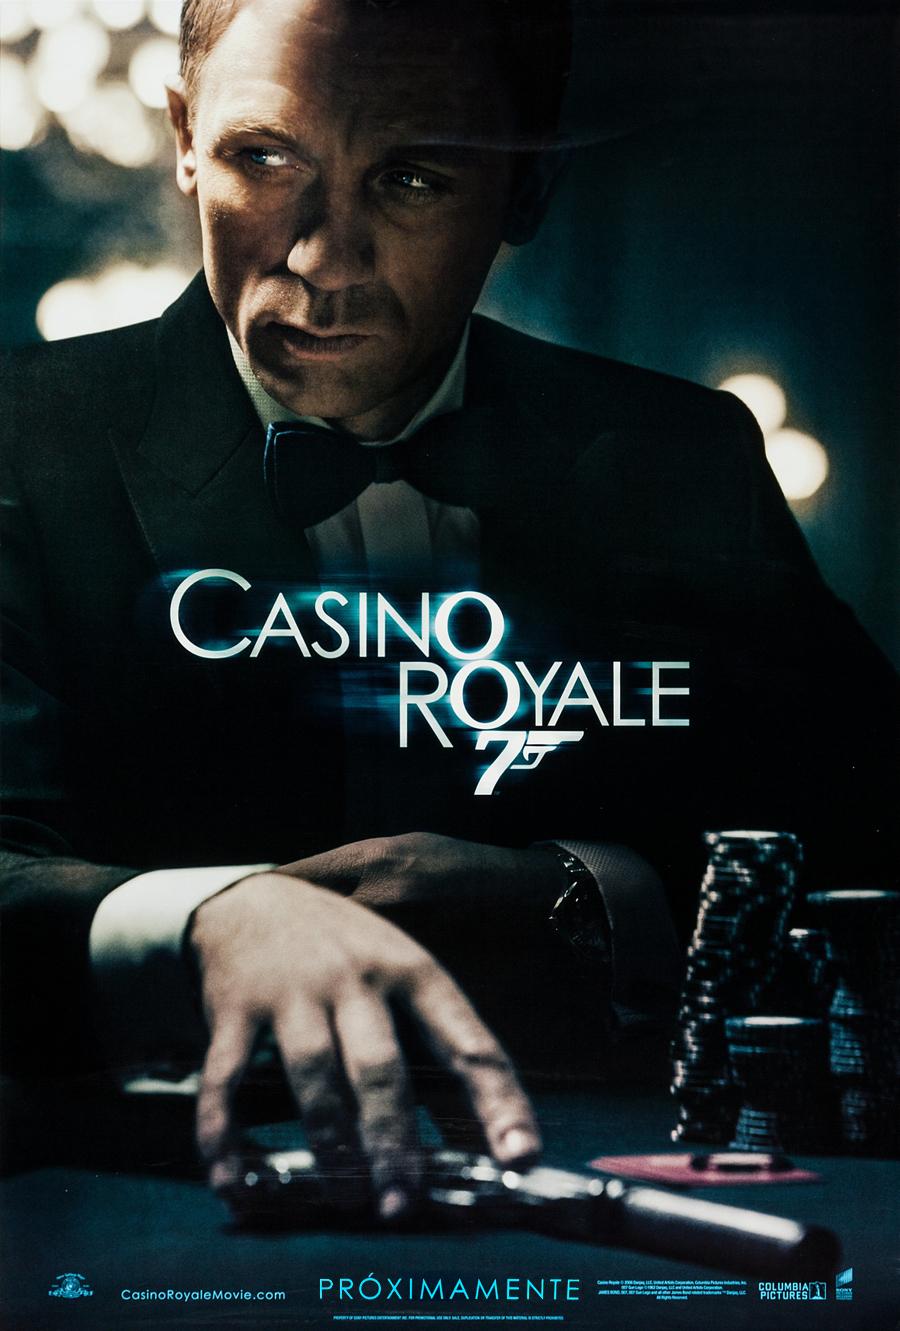 Royale Casino Movie